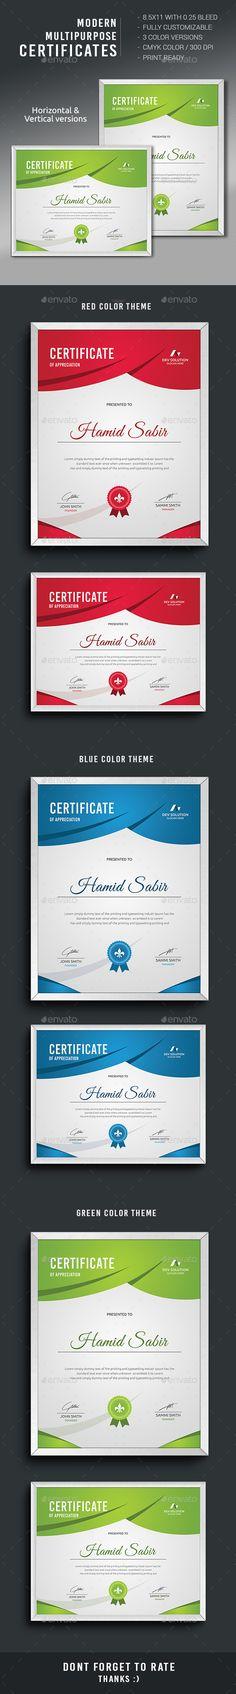 Certificate Template | Certificate Templates, Certificate Design